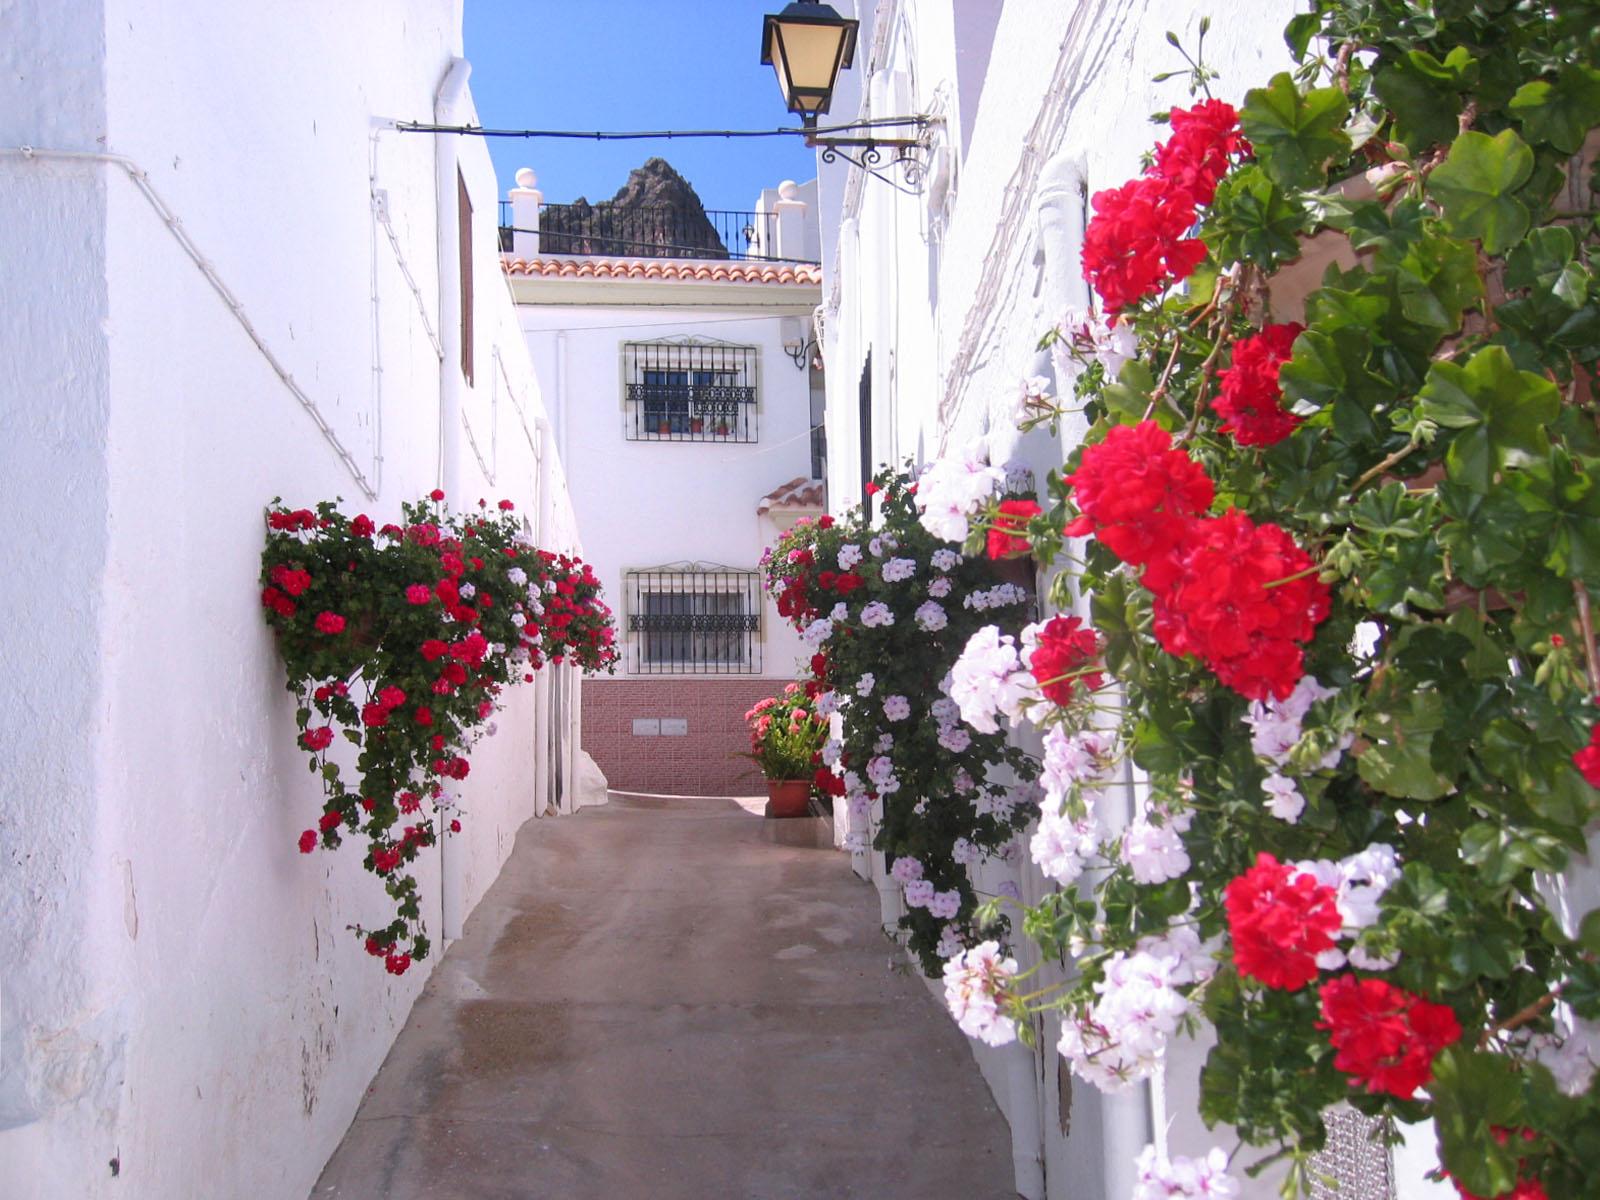 Vacaciones con niños: 8 pueblos andaluces para viajar con niños